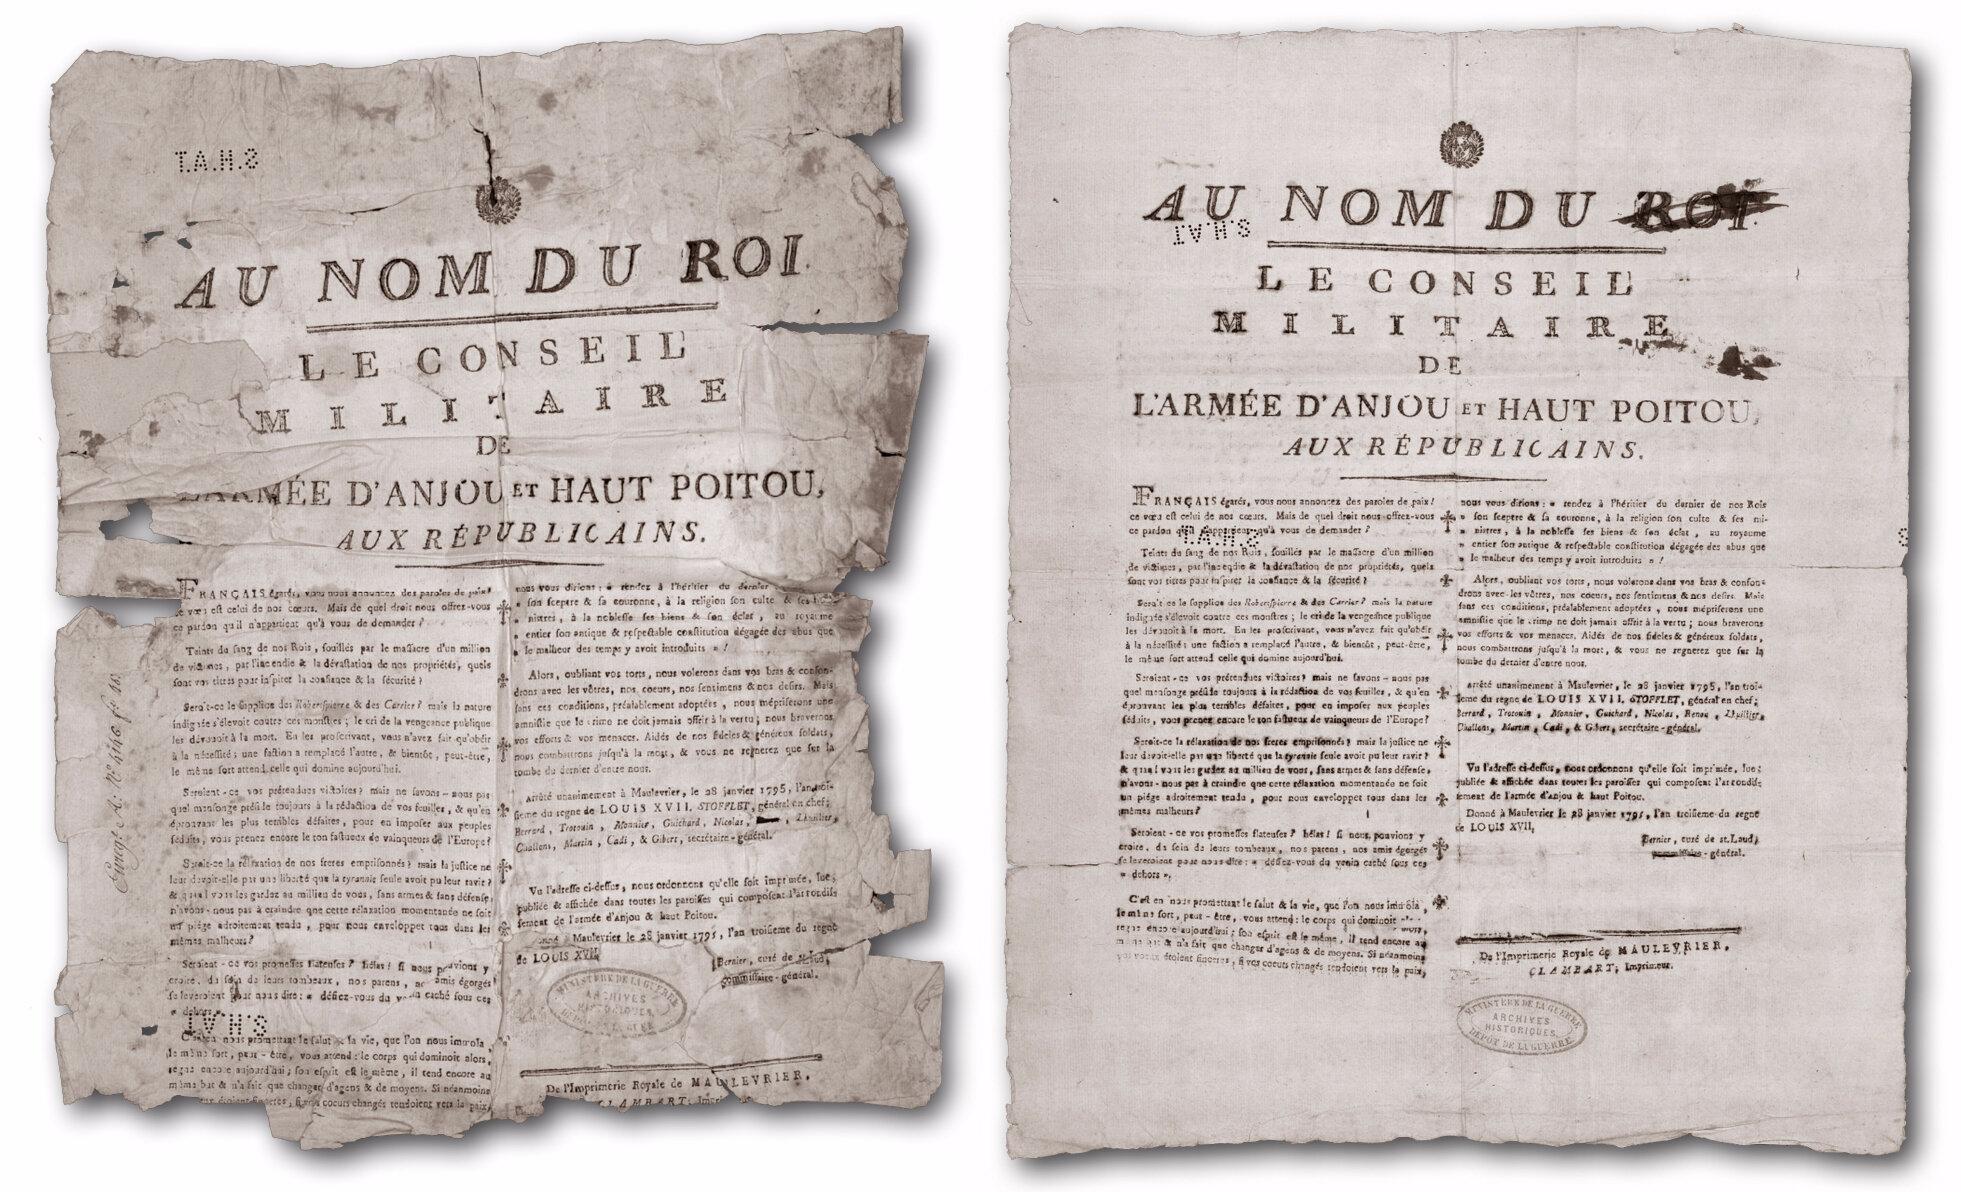 En février 1795, Stofflet placarde jusque dans la Vienne